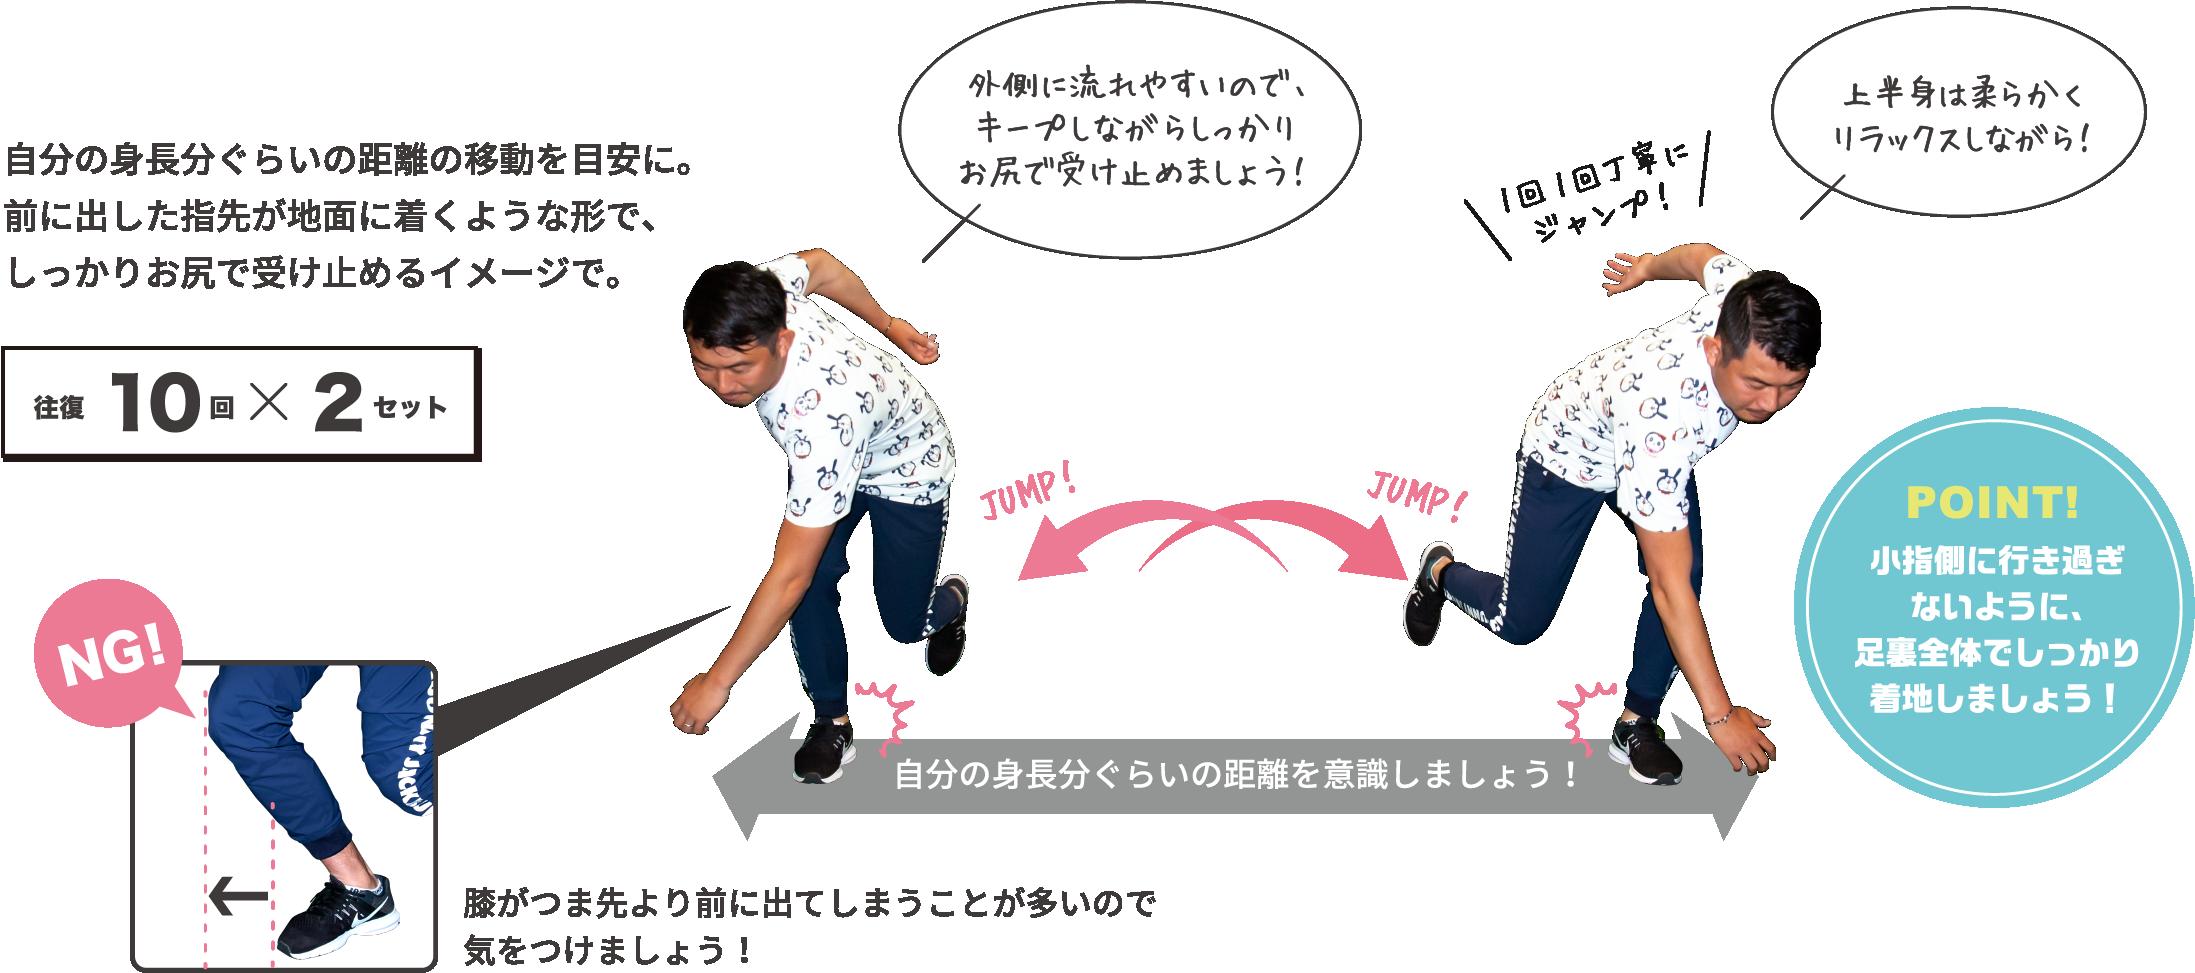 自分の身長分ぐらいの距離の移動を目安に。前に出した指先が地面に着くような形で、しっかりお尻で受け止めるイメージで。